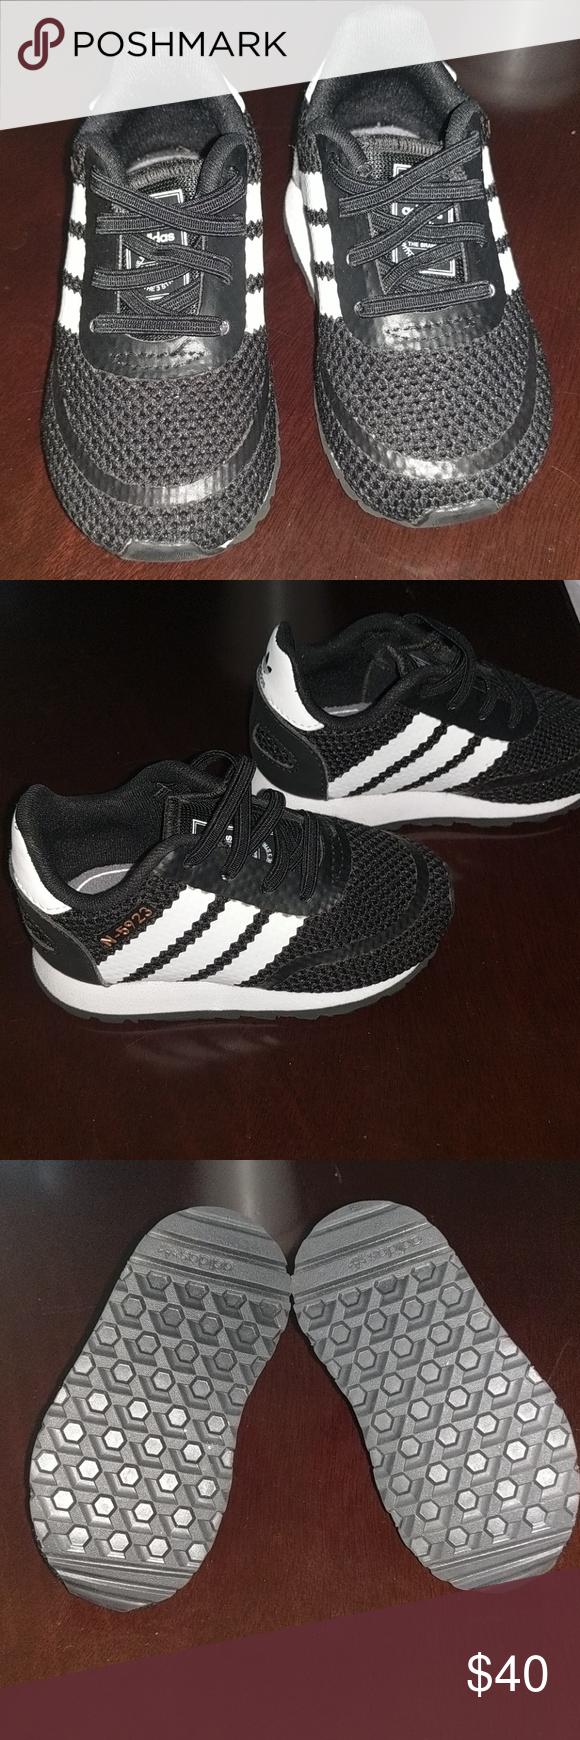 Adidas baby ortholite shoes | Adidas